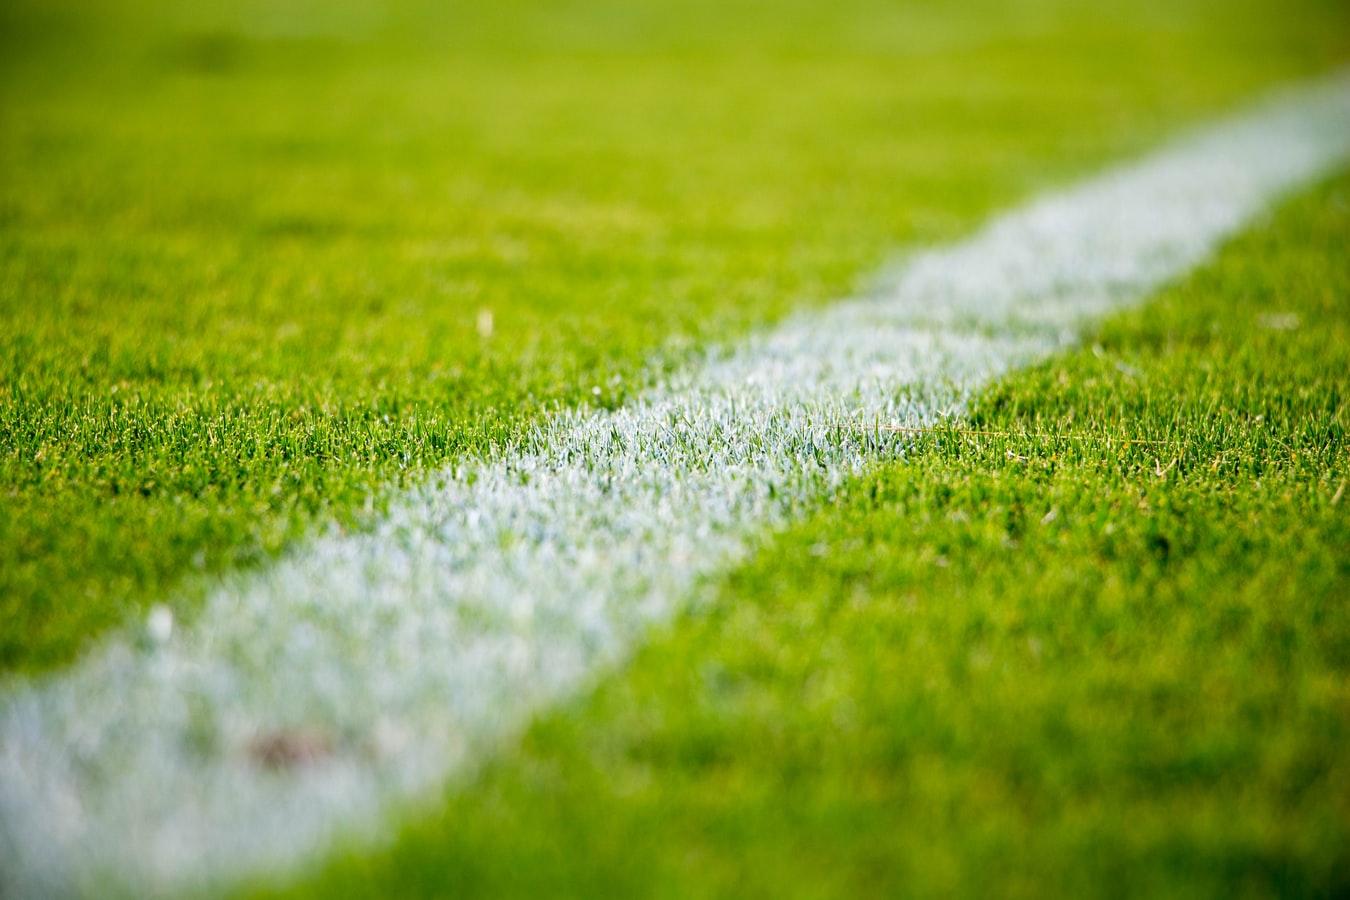 Taruhan Bola dan Beberapa Alasan Mencobanya